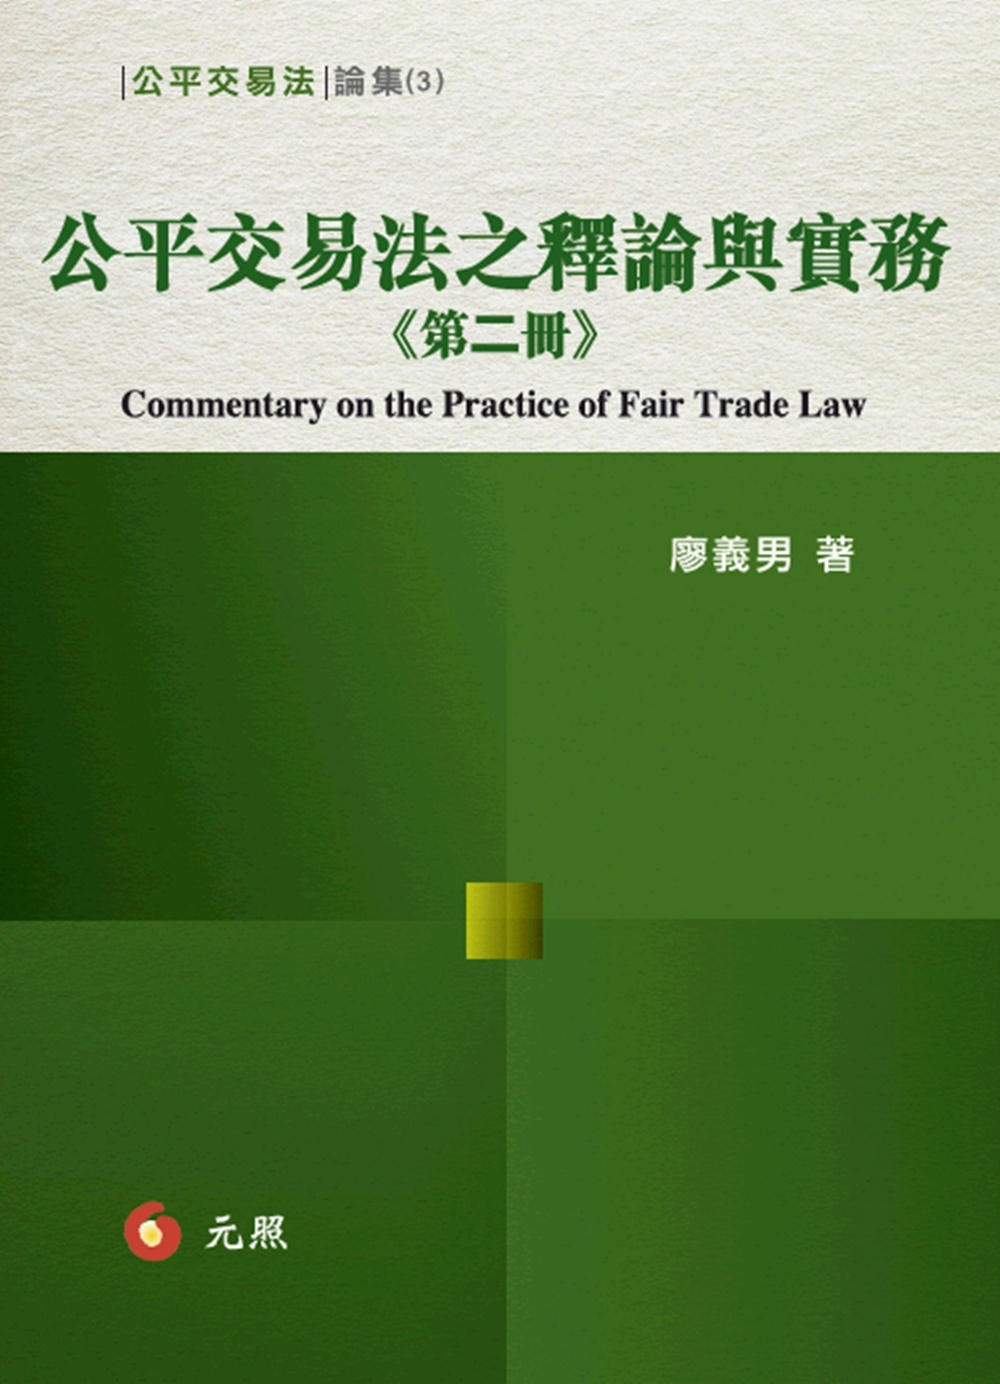 公平交易法之釋論與實務(第二冊)